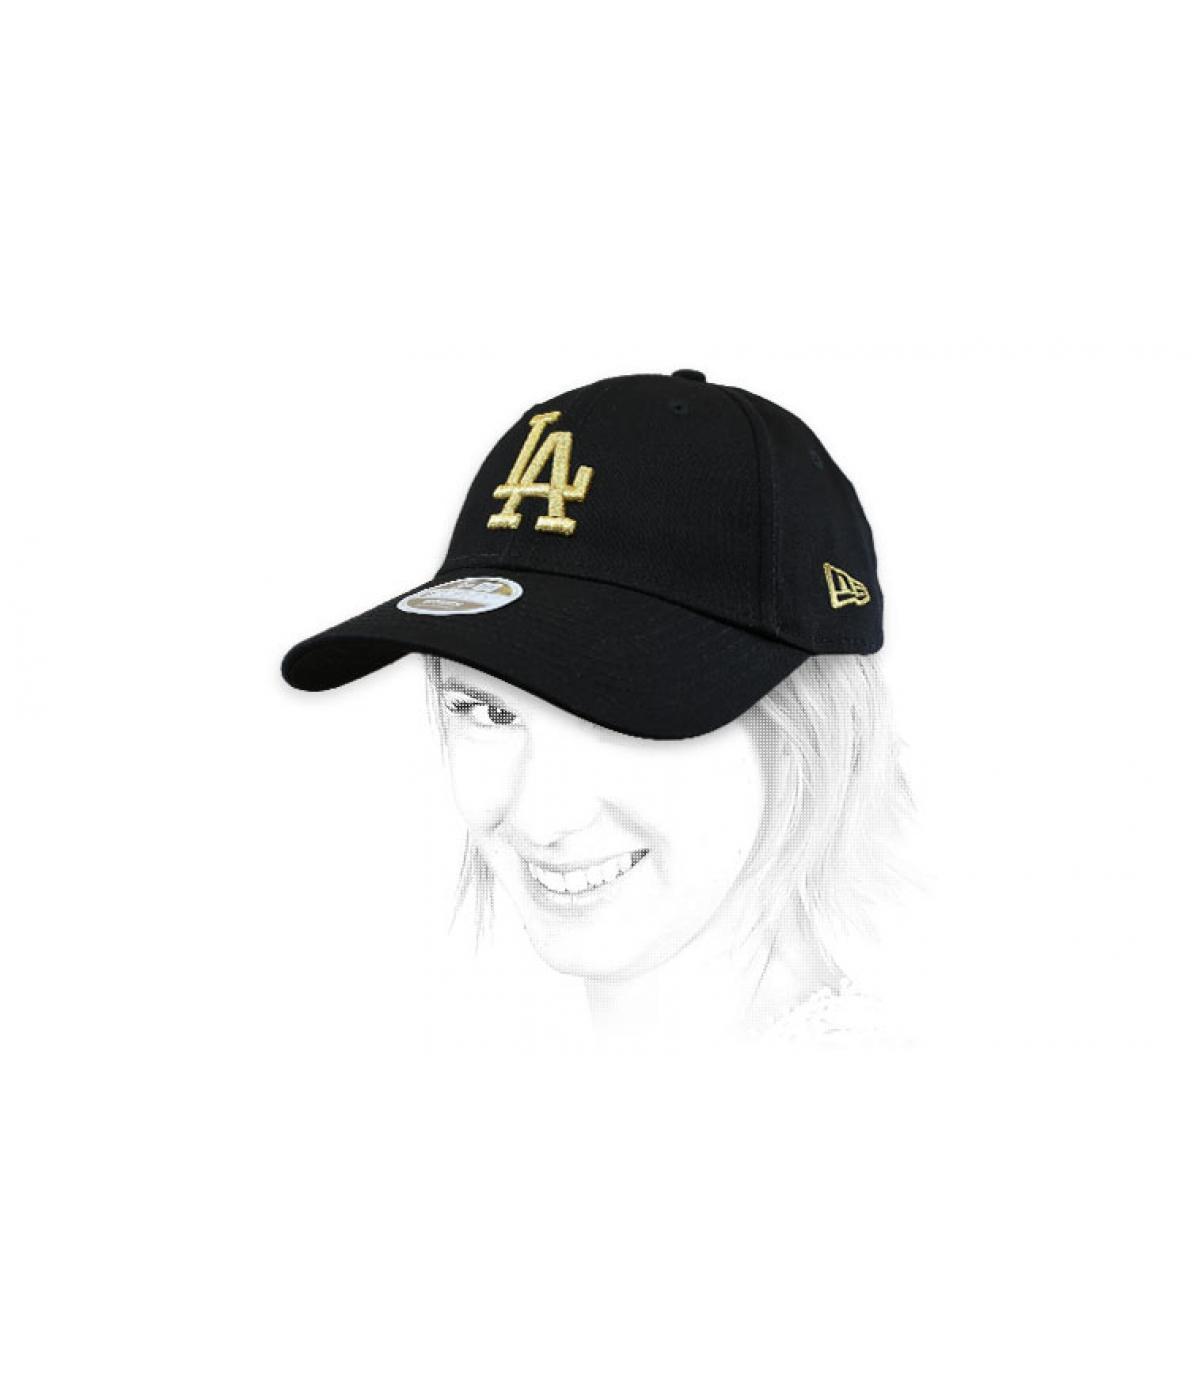 cap vrouw LA zwart goud